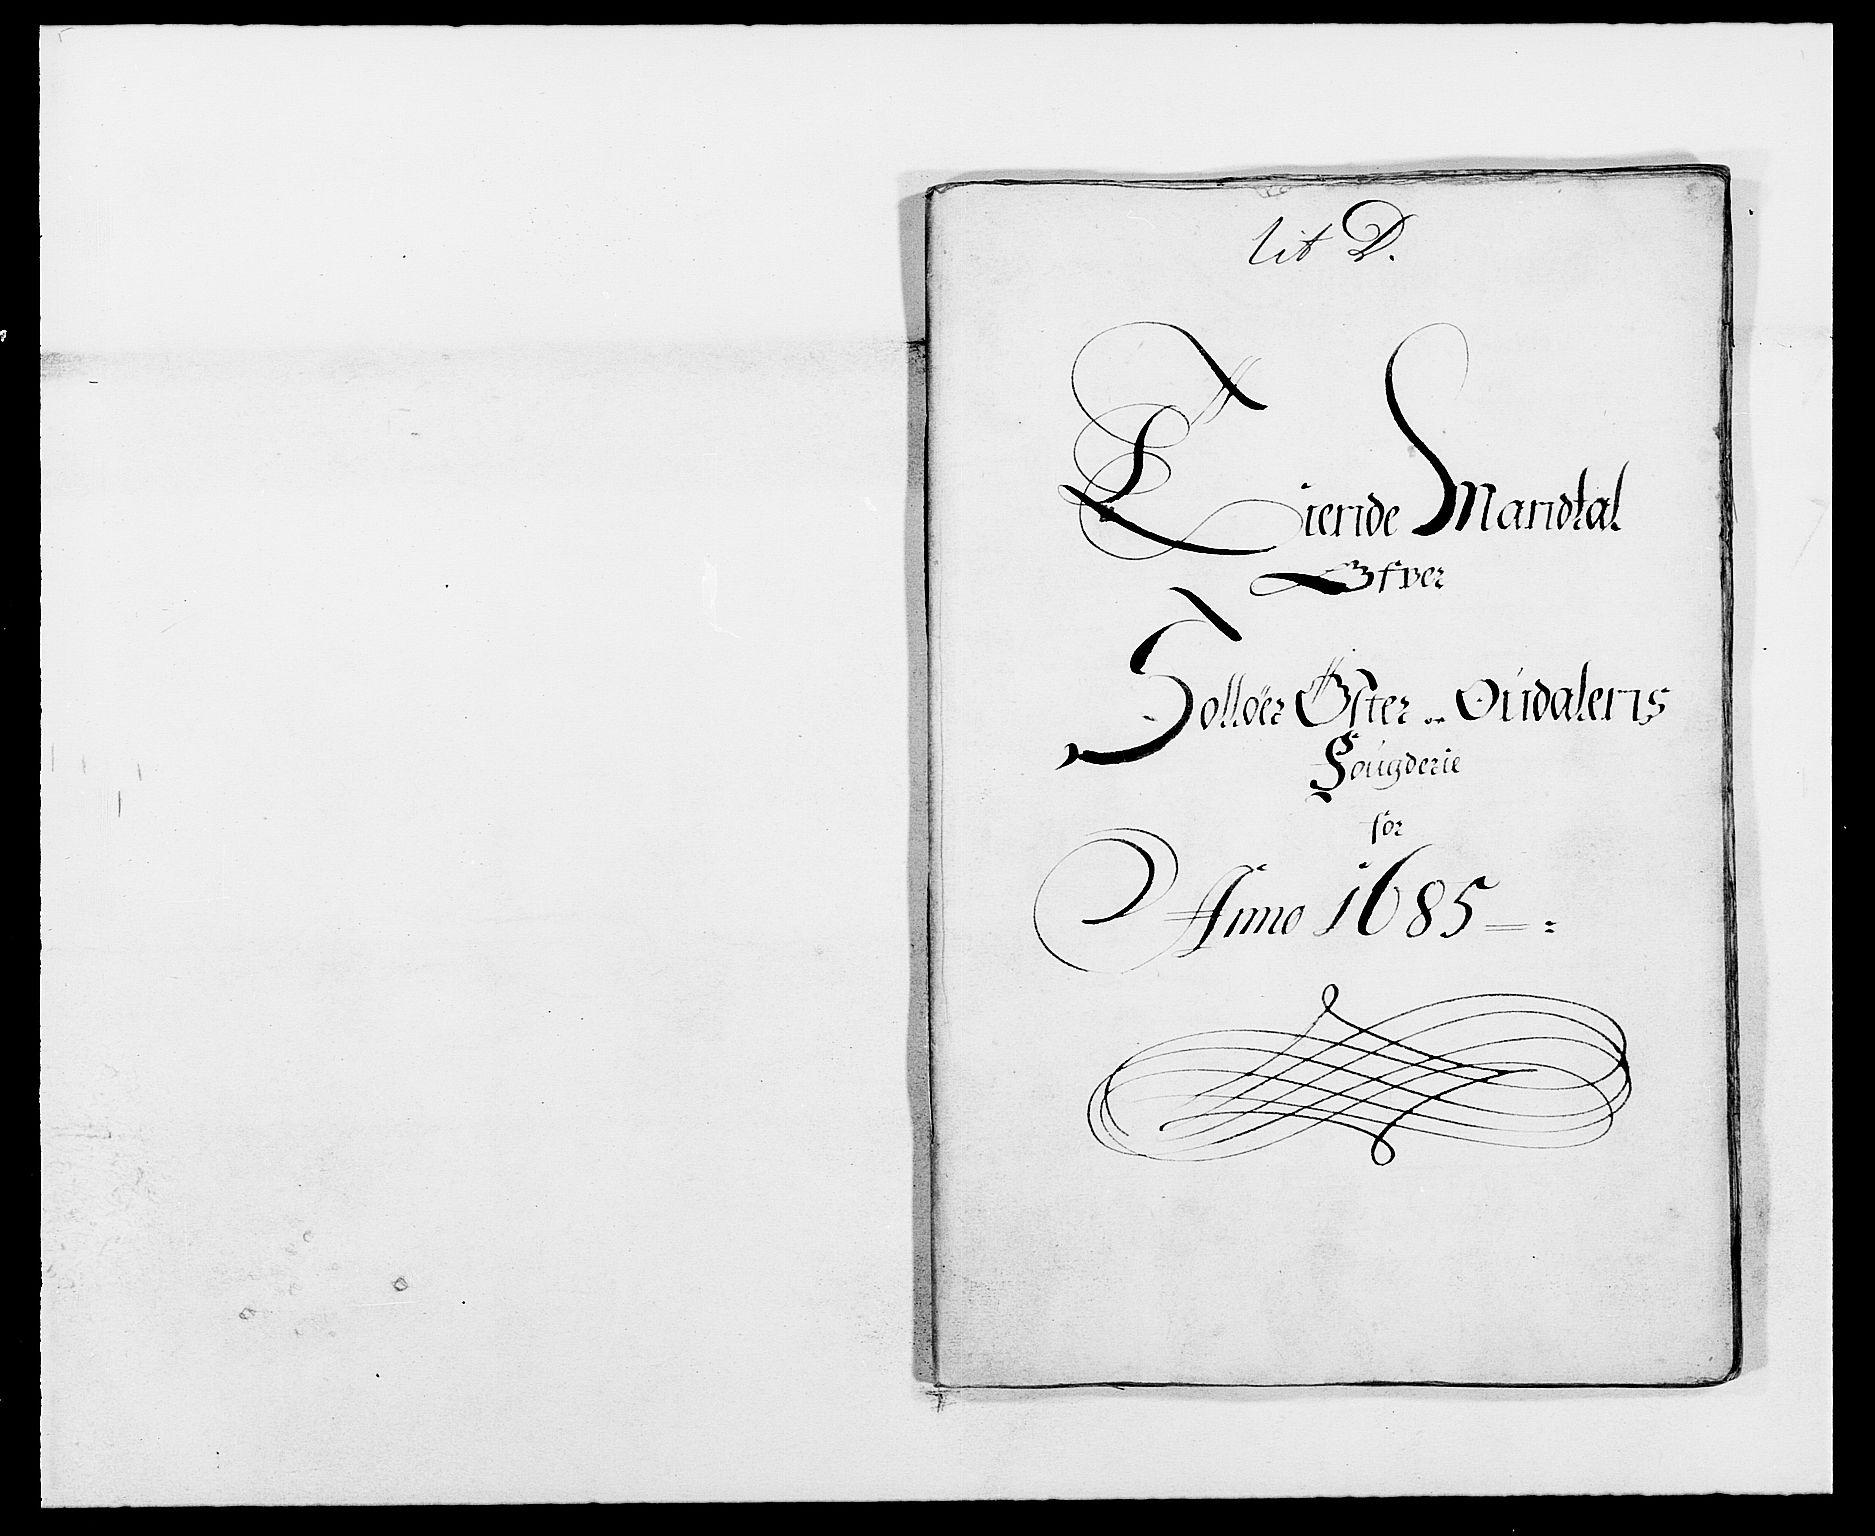 RA, Rentekammeret inntil 1814, Reviderte regnskaper, Fogderegnskap, R13/L0822: Fogderegnskap Solør, Odal og Østerdal, 1685, s. 162